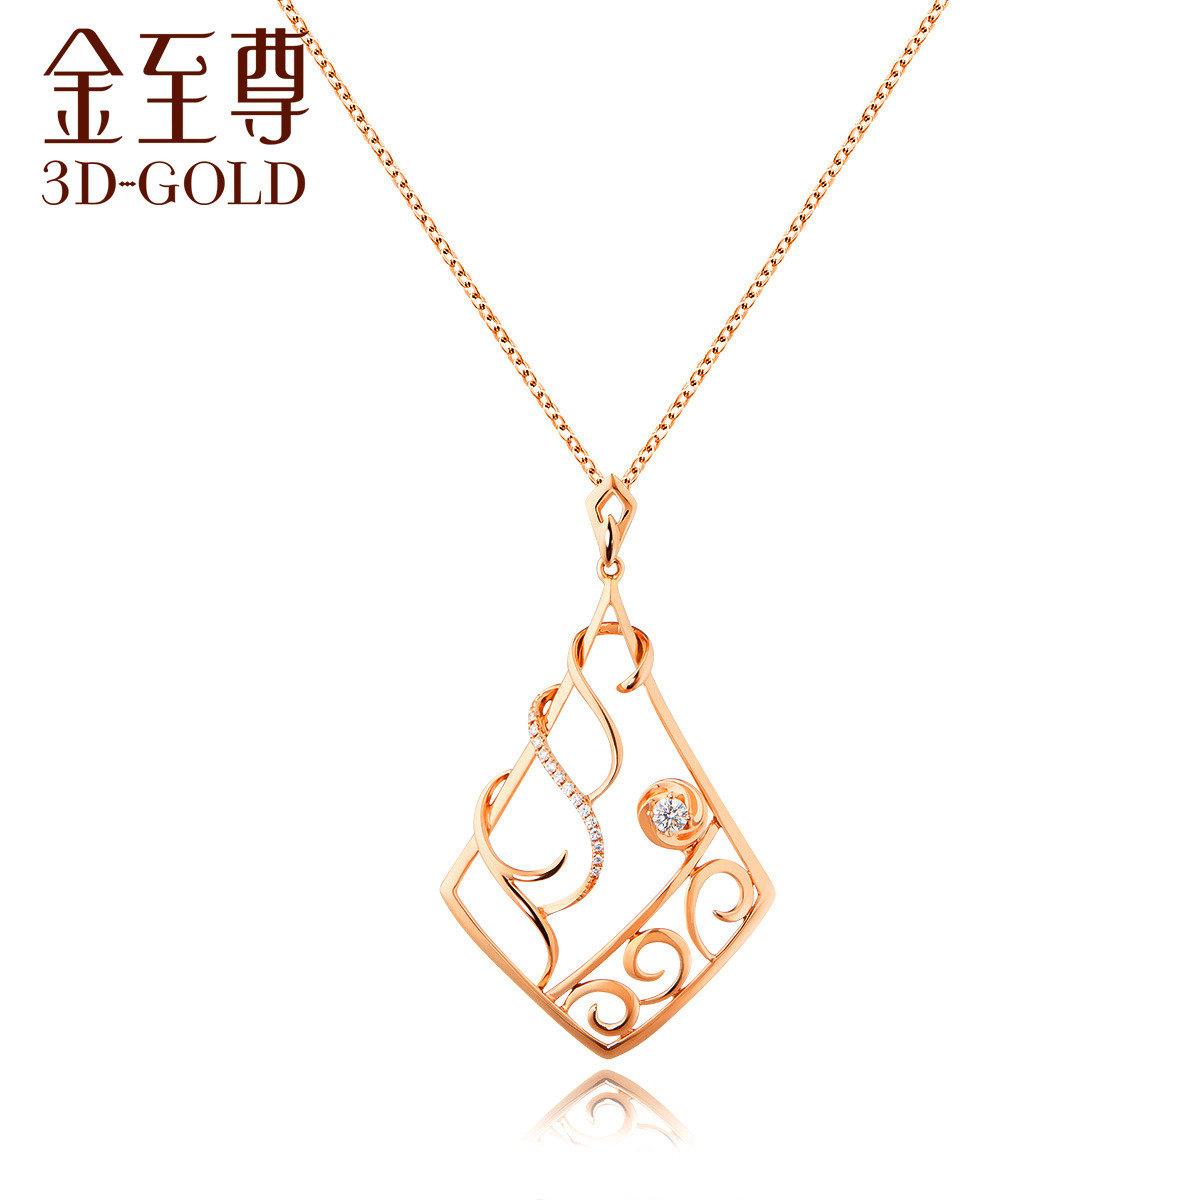 夏曲系列 18K/750金(紅色)鑲鑽石吊墜